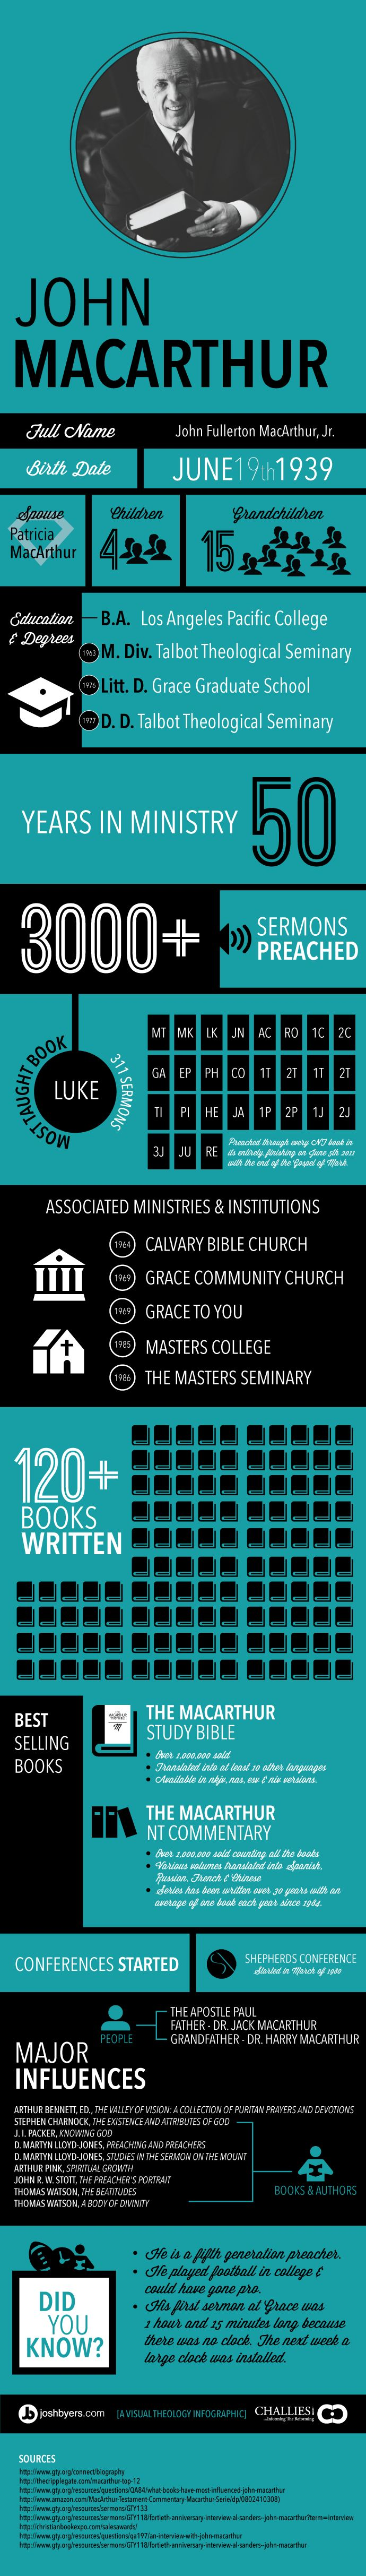 John MacArthur Infographic